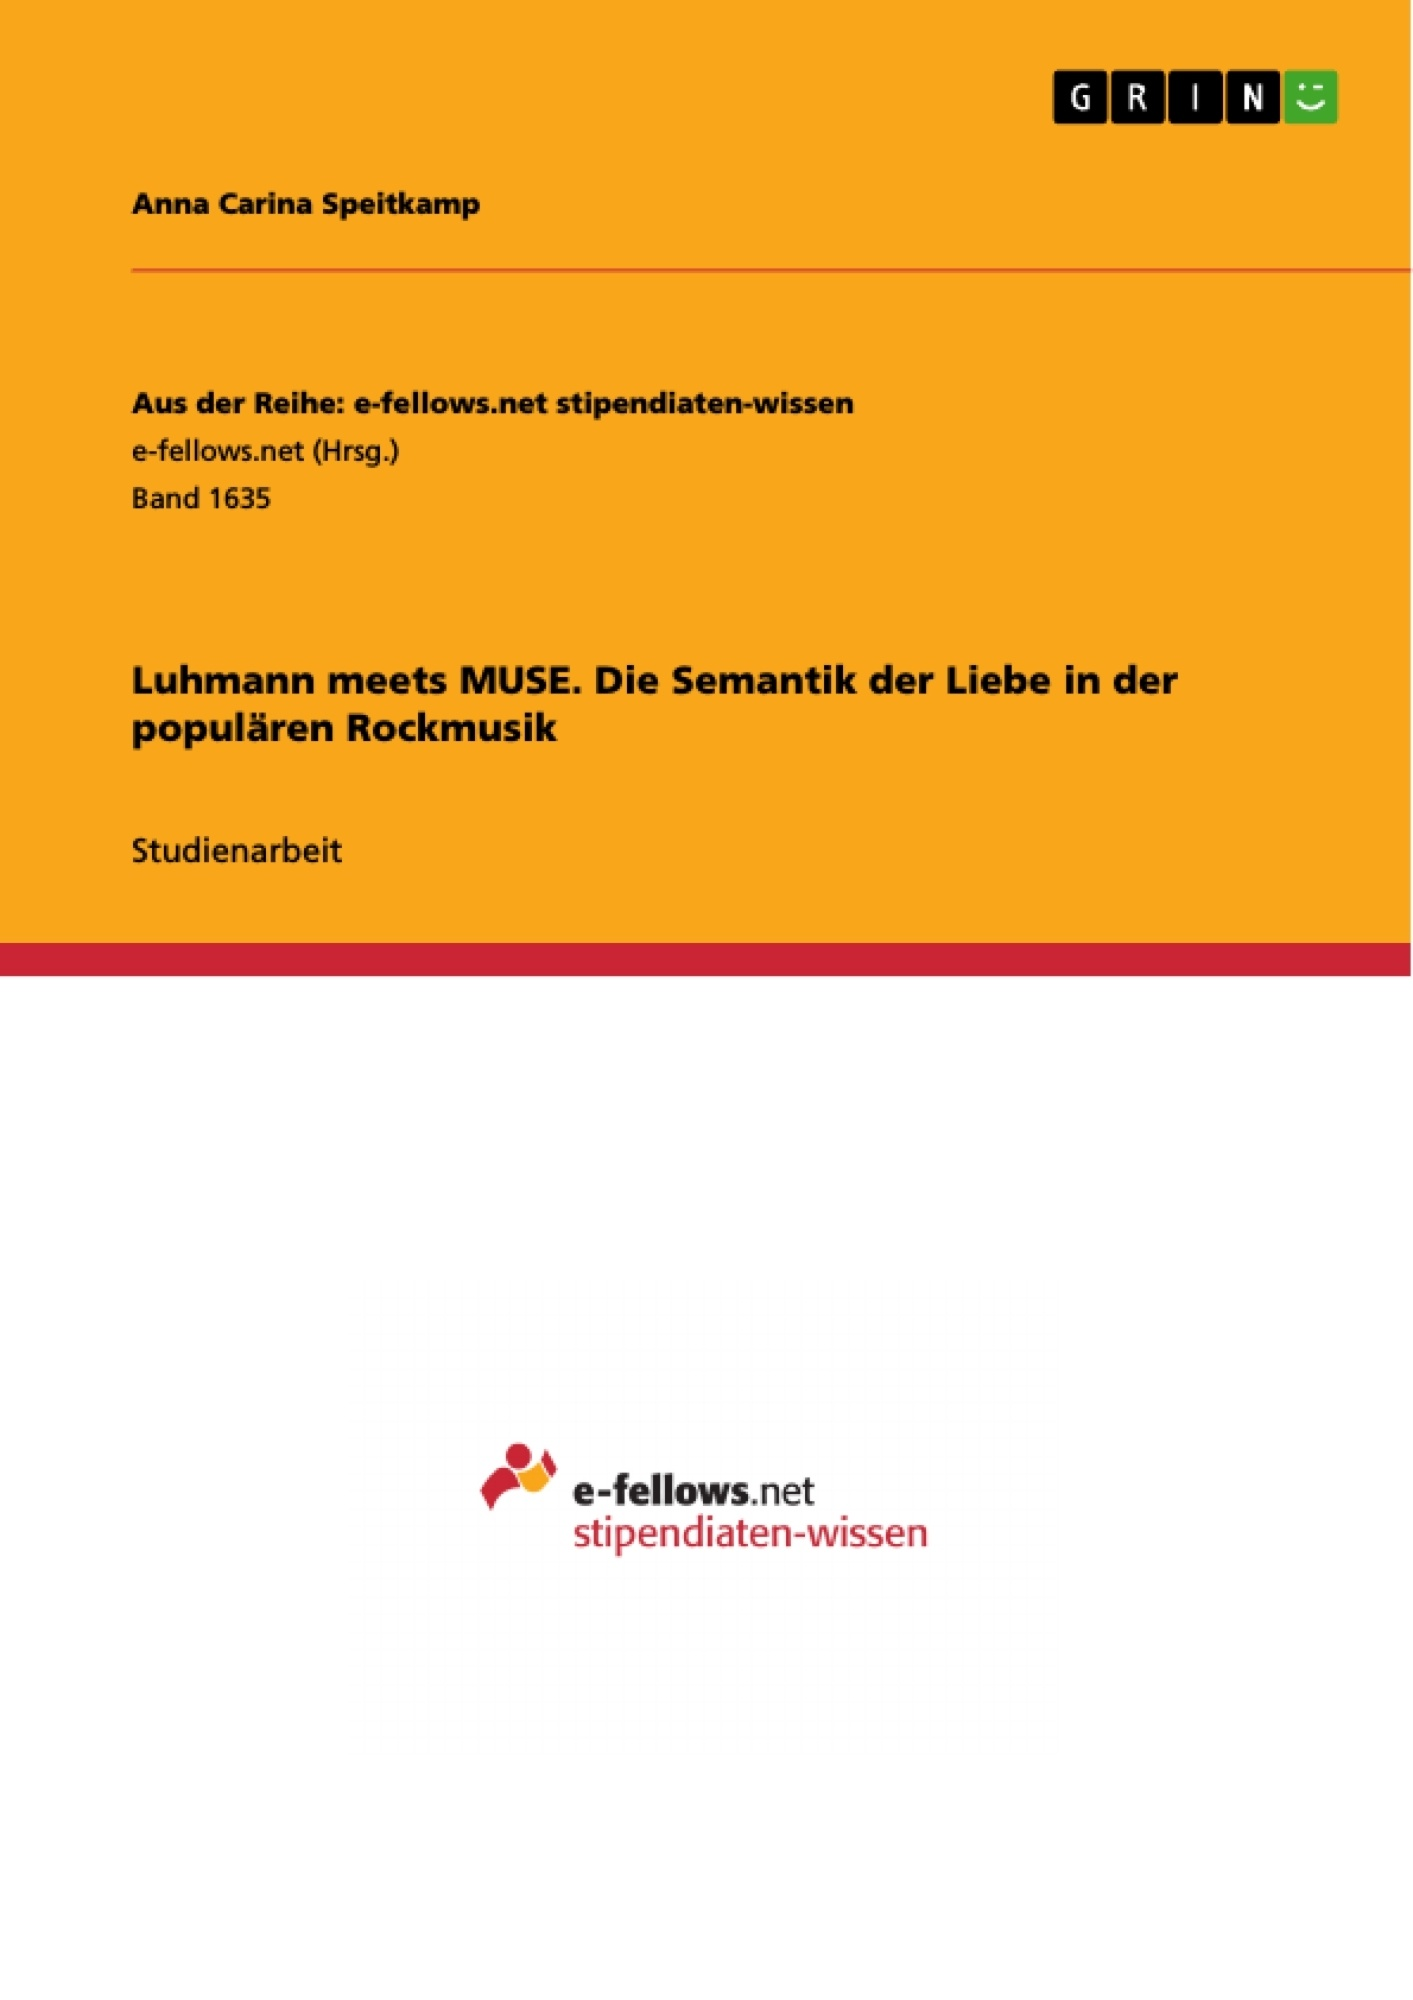 Titel: Luhmann meets MUSE. Die Semantik der Liebe in der populären Rockmusik